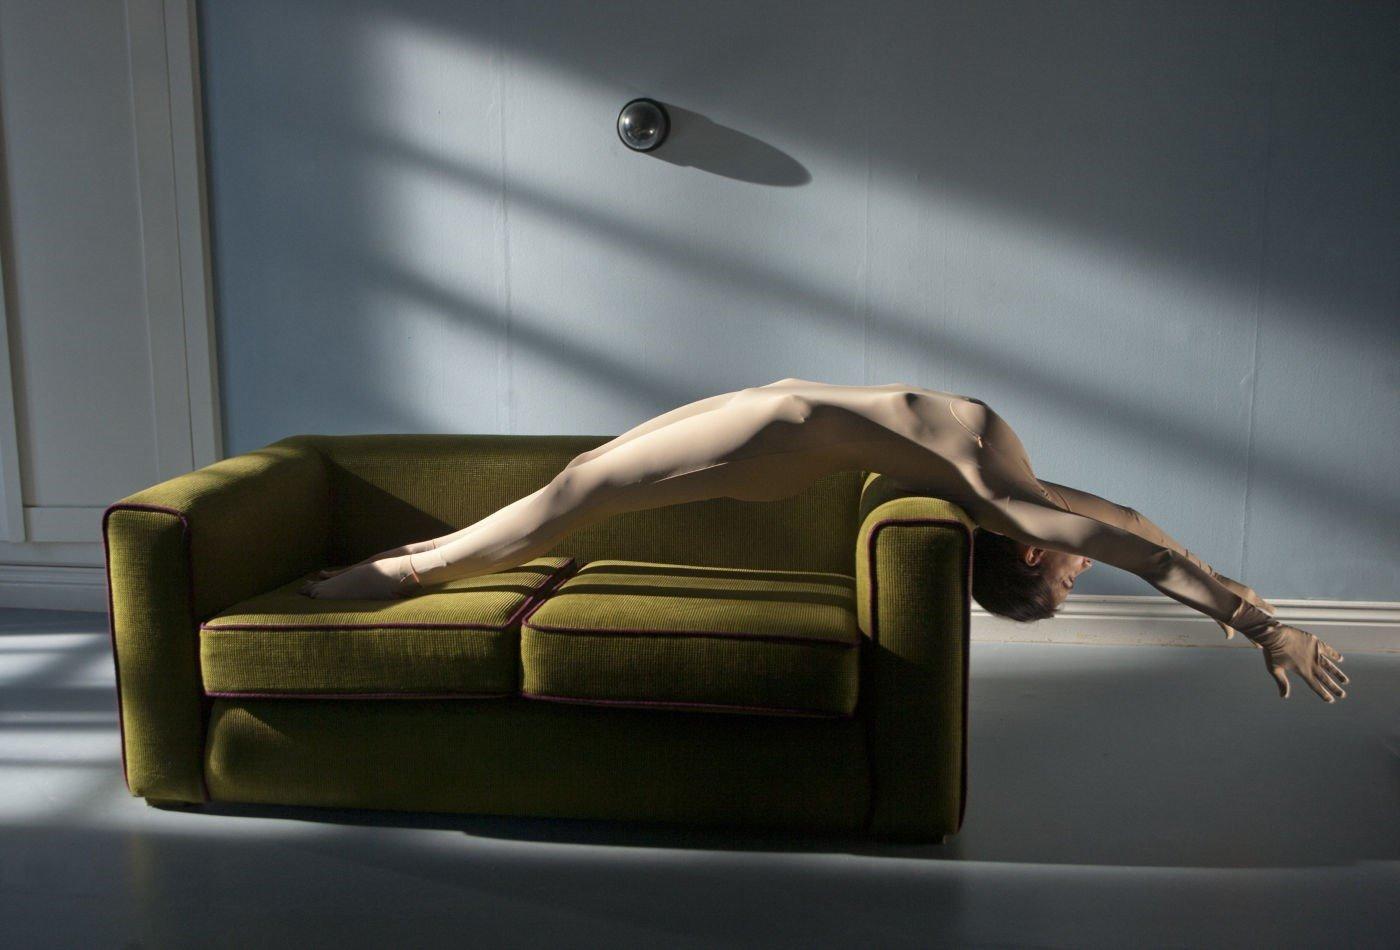 New York Film Festival 2011: The Skin I Live In